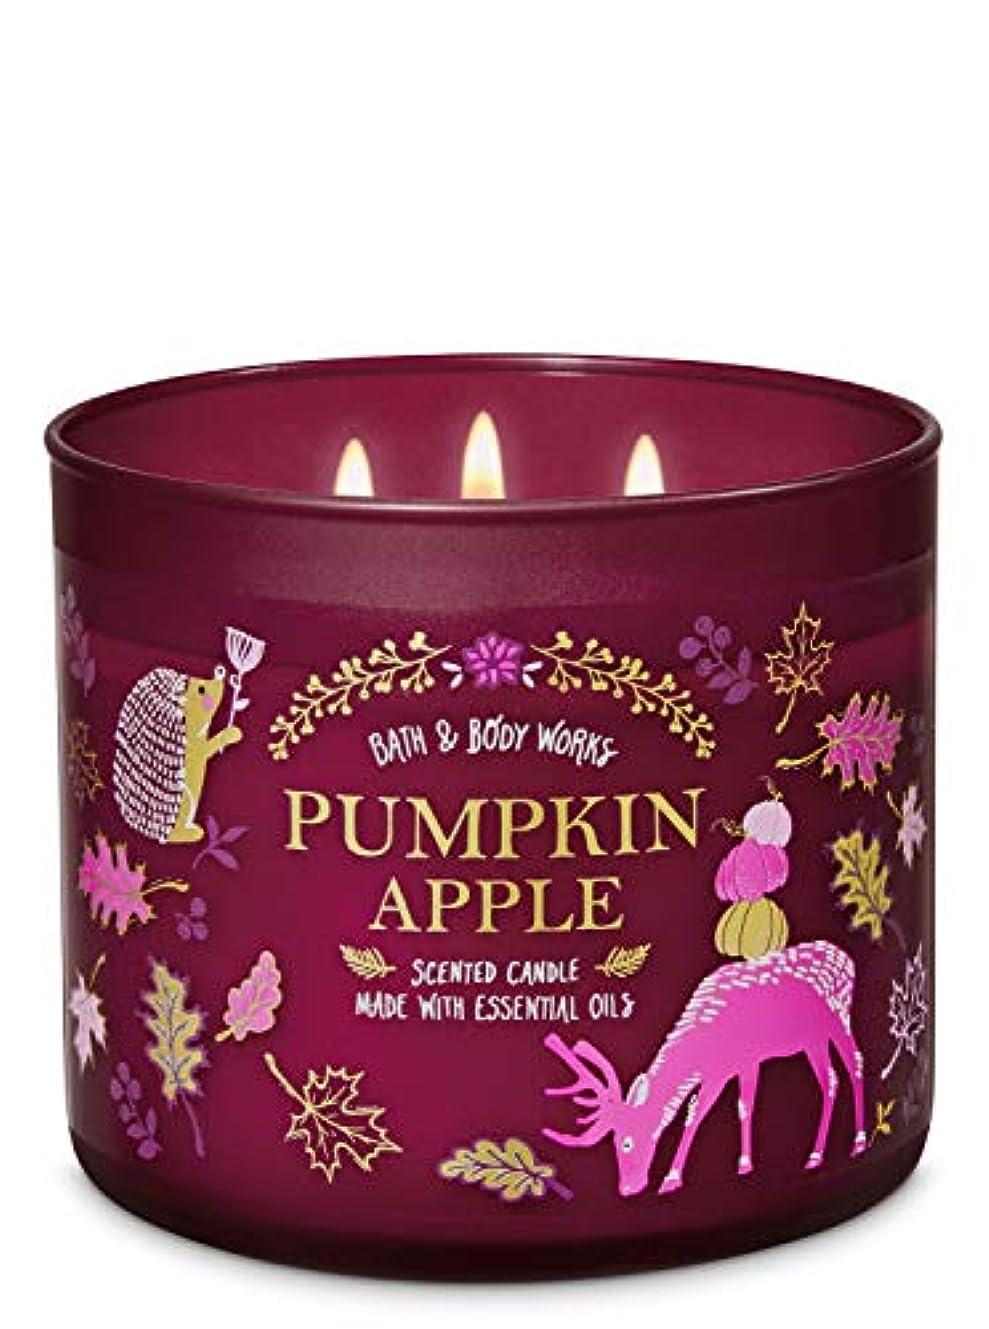 アベニュー無知誇張【Bath&Body Works/バス&ボディワークス】 アロマ キャンドル パンプキンアップル 3-Wick Scented Candle Pumpkin Apple 14.5oz/411g [並行輸入品]